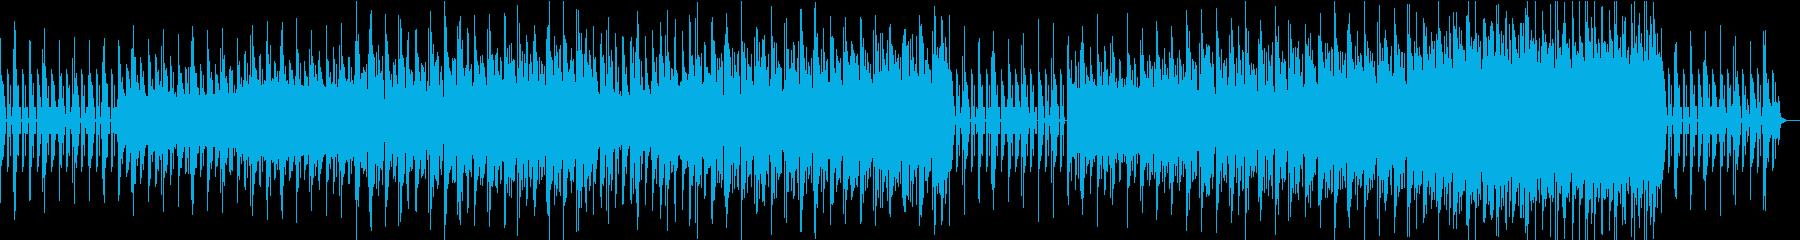 漂いと跳ねる音が合わさったエレクトロニカの再生済みの波形